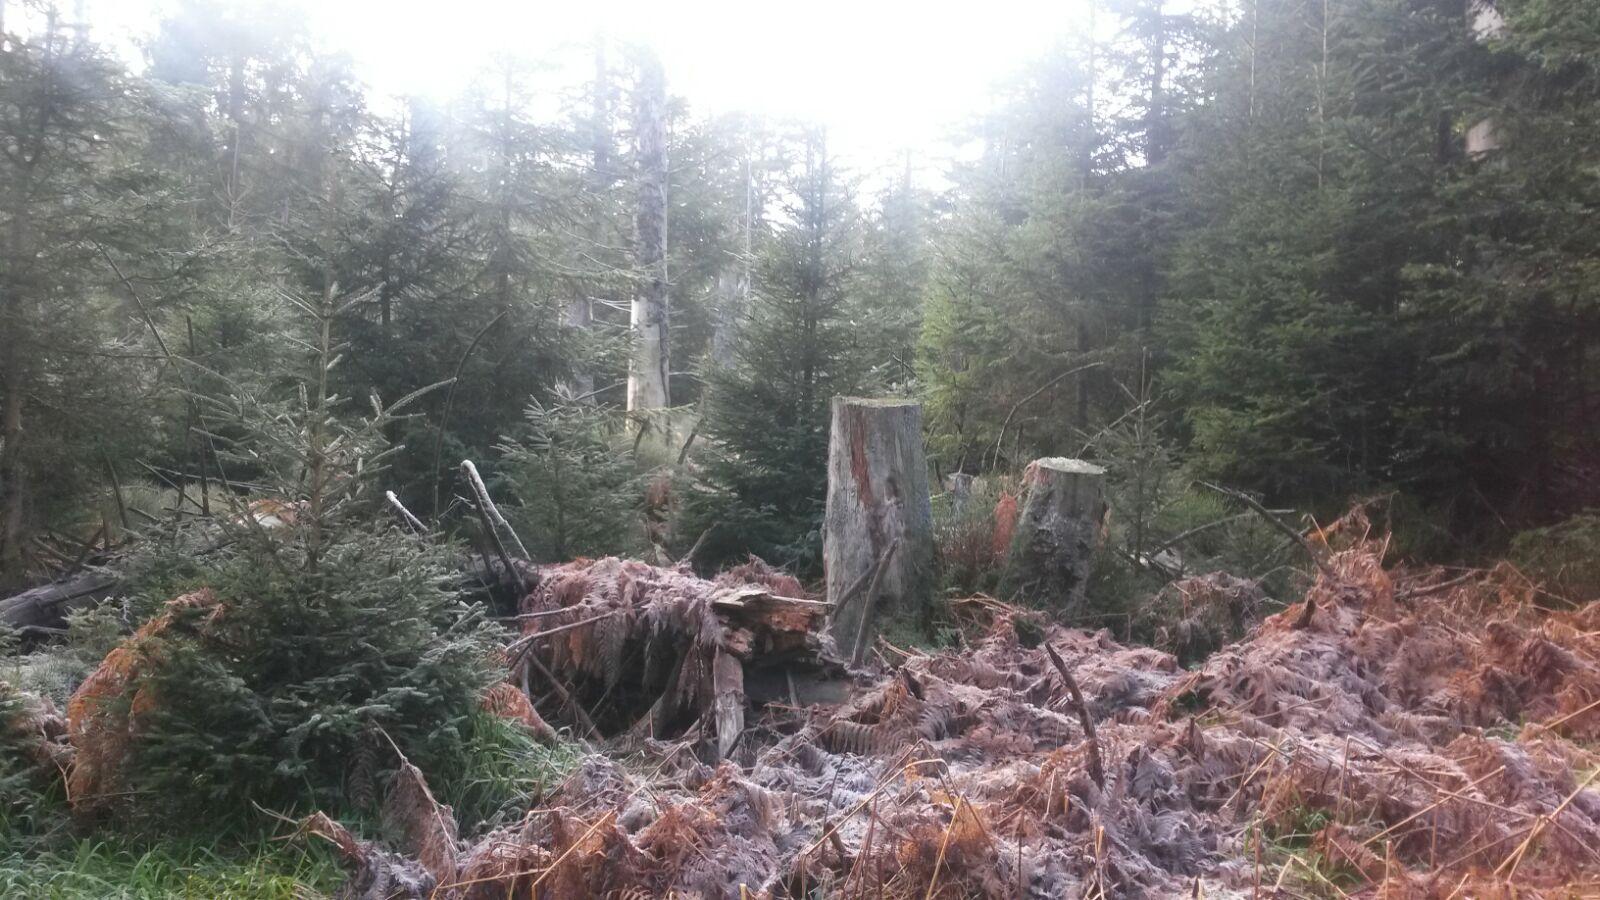 Auf dem Weg zur Grünhütte und am Wildsee vorbei Totholz im Bannwald